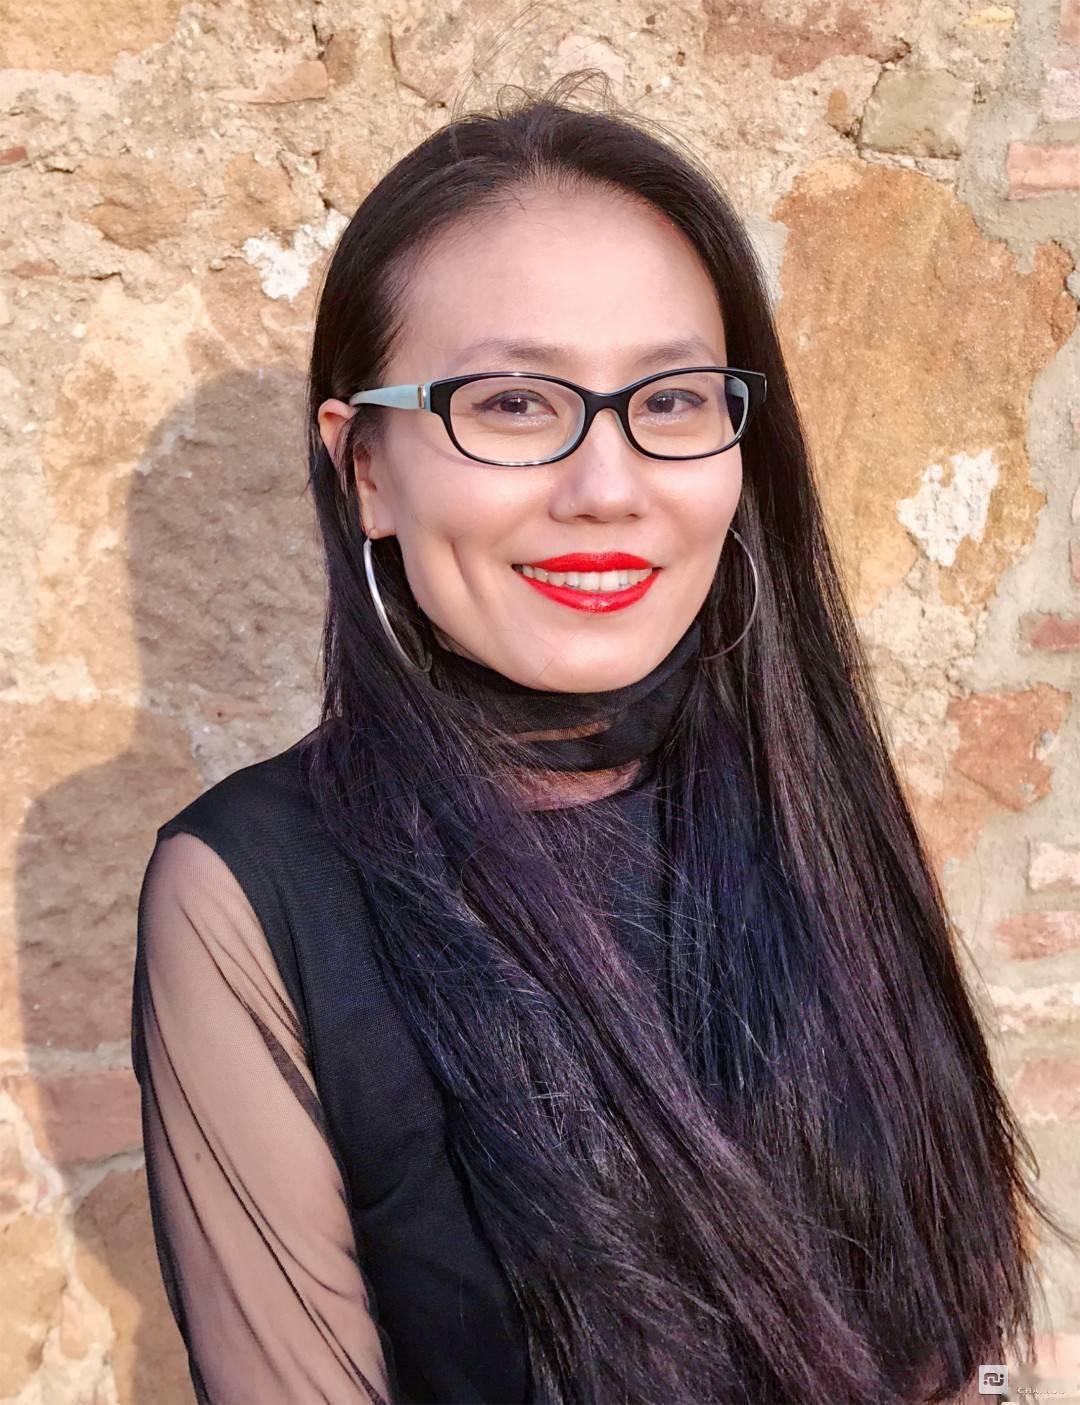 """《艺术的此岸与彼岸》:""""赛博北京·数字艺术节""""拍卖会参拍作品预告  第9张 《艺术的此岸与彼岸》:""""赛博北京·数字艺术节""""拍卖会参拍作品预告 币圈信息"""